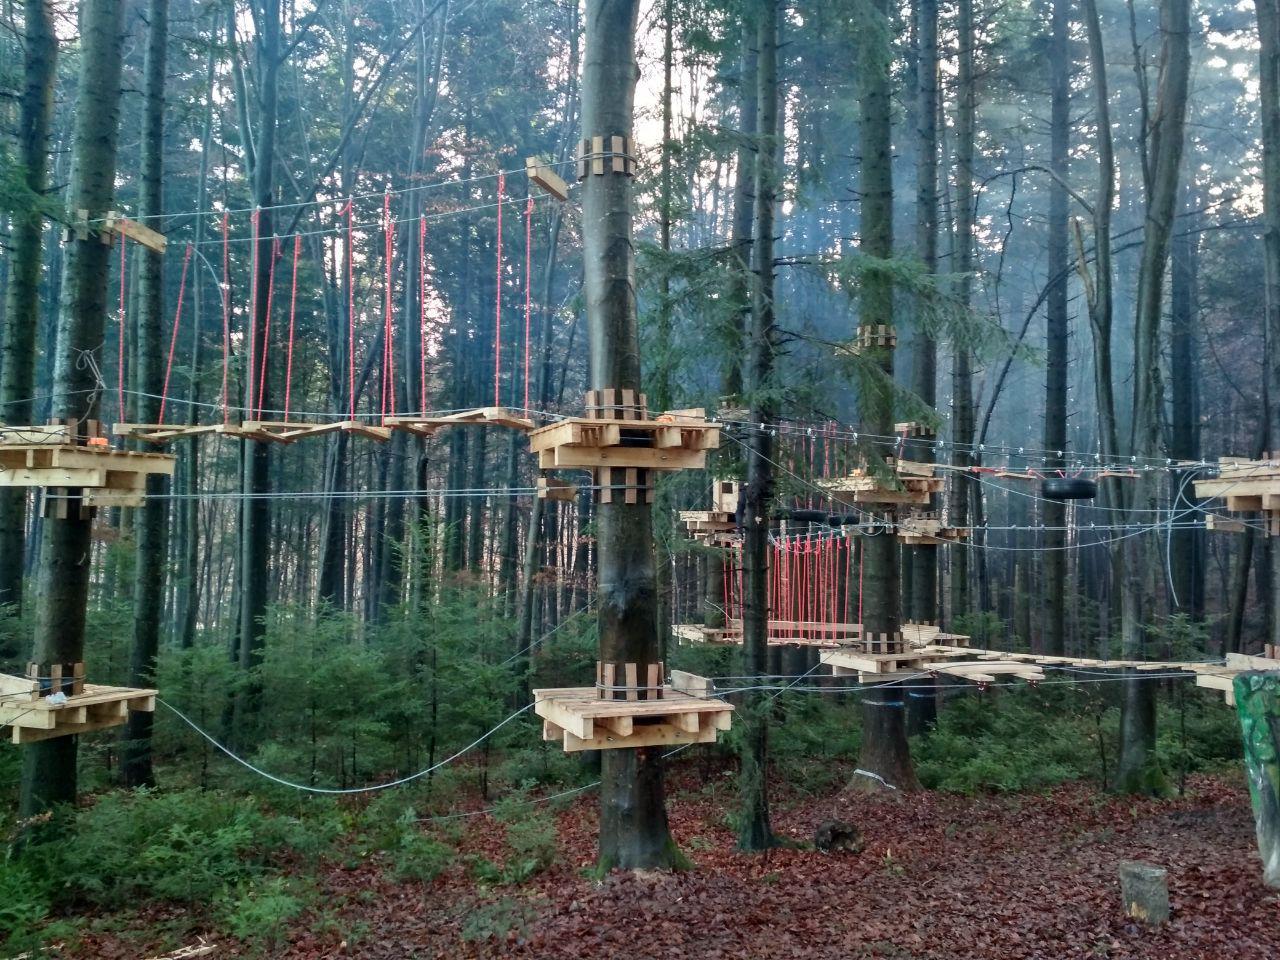 У лісгоспі на Франківщині встановили мотузковий парк для дітей 2